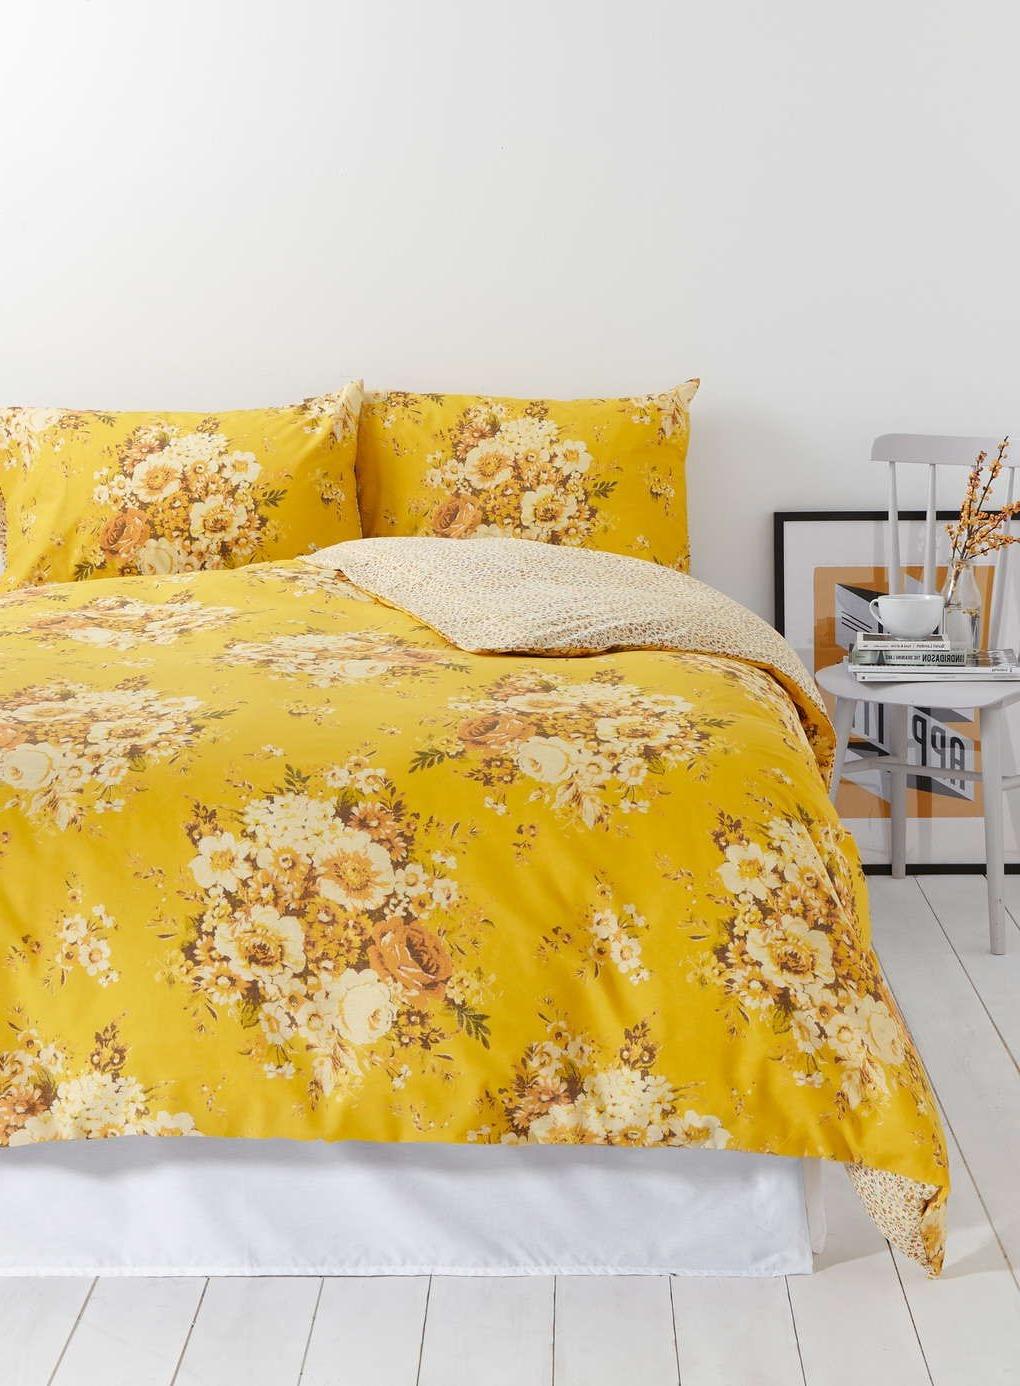 Le jaune est la couleur estivale idéale pour votre chambre à coucher!